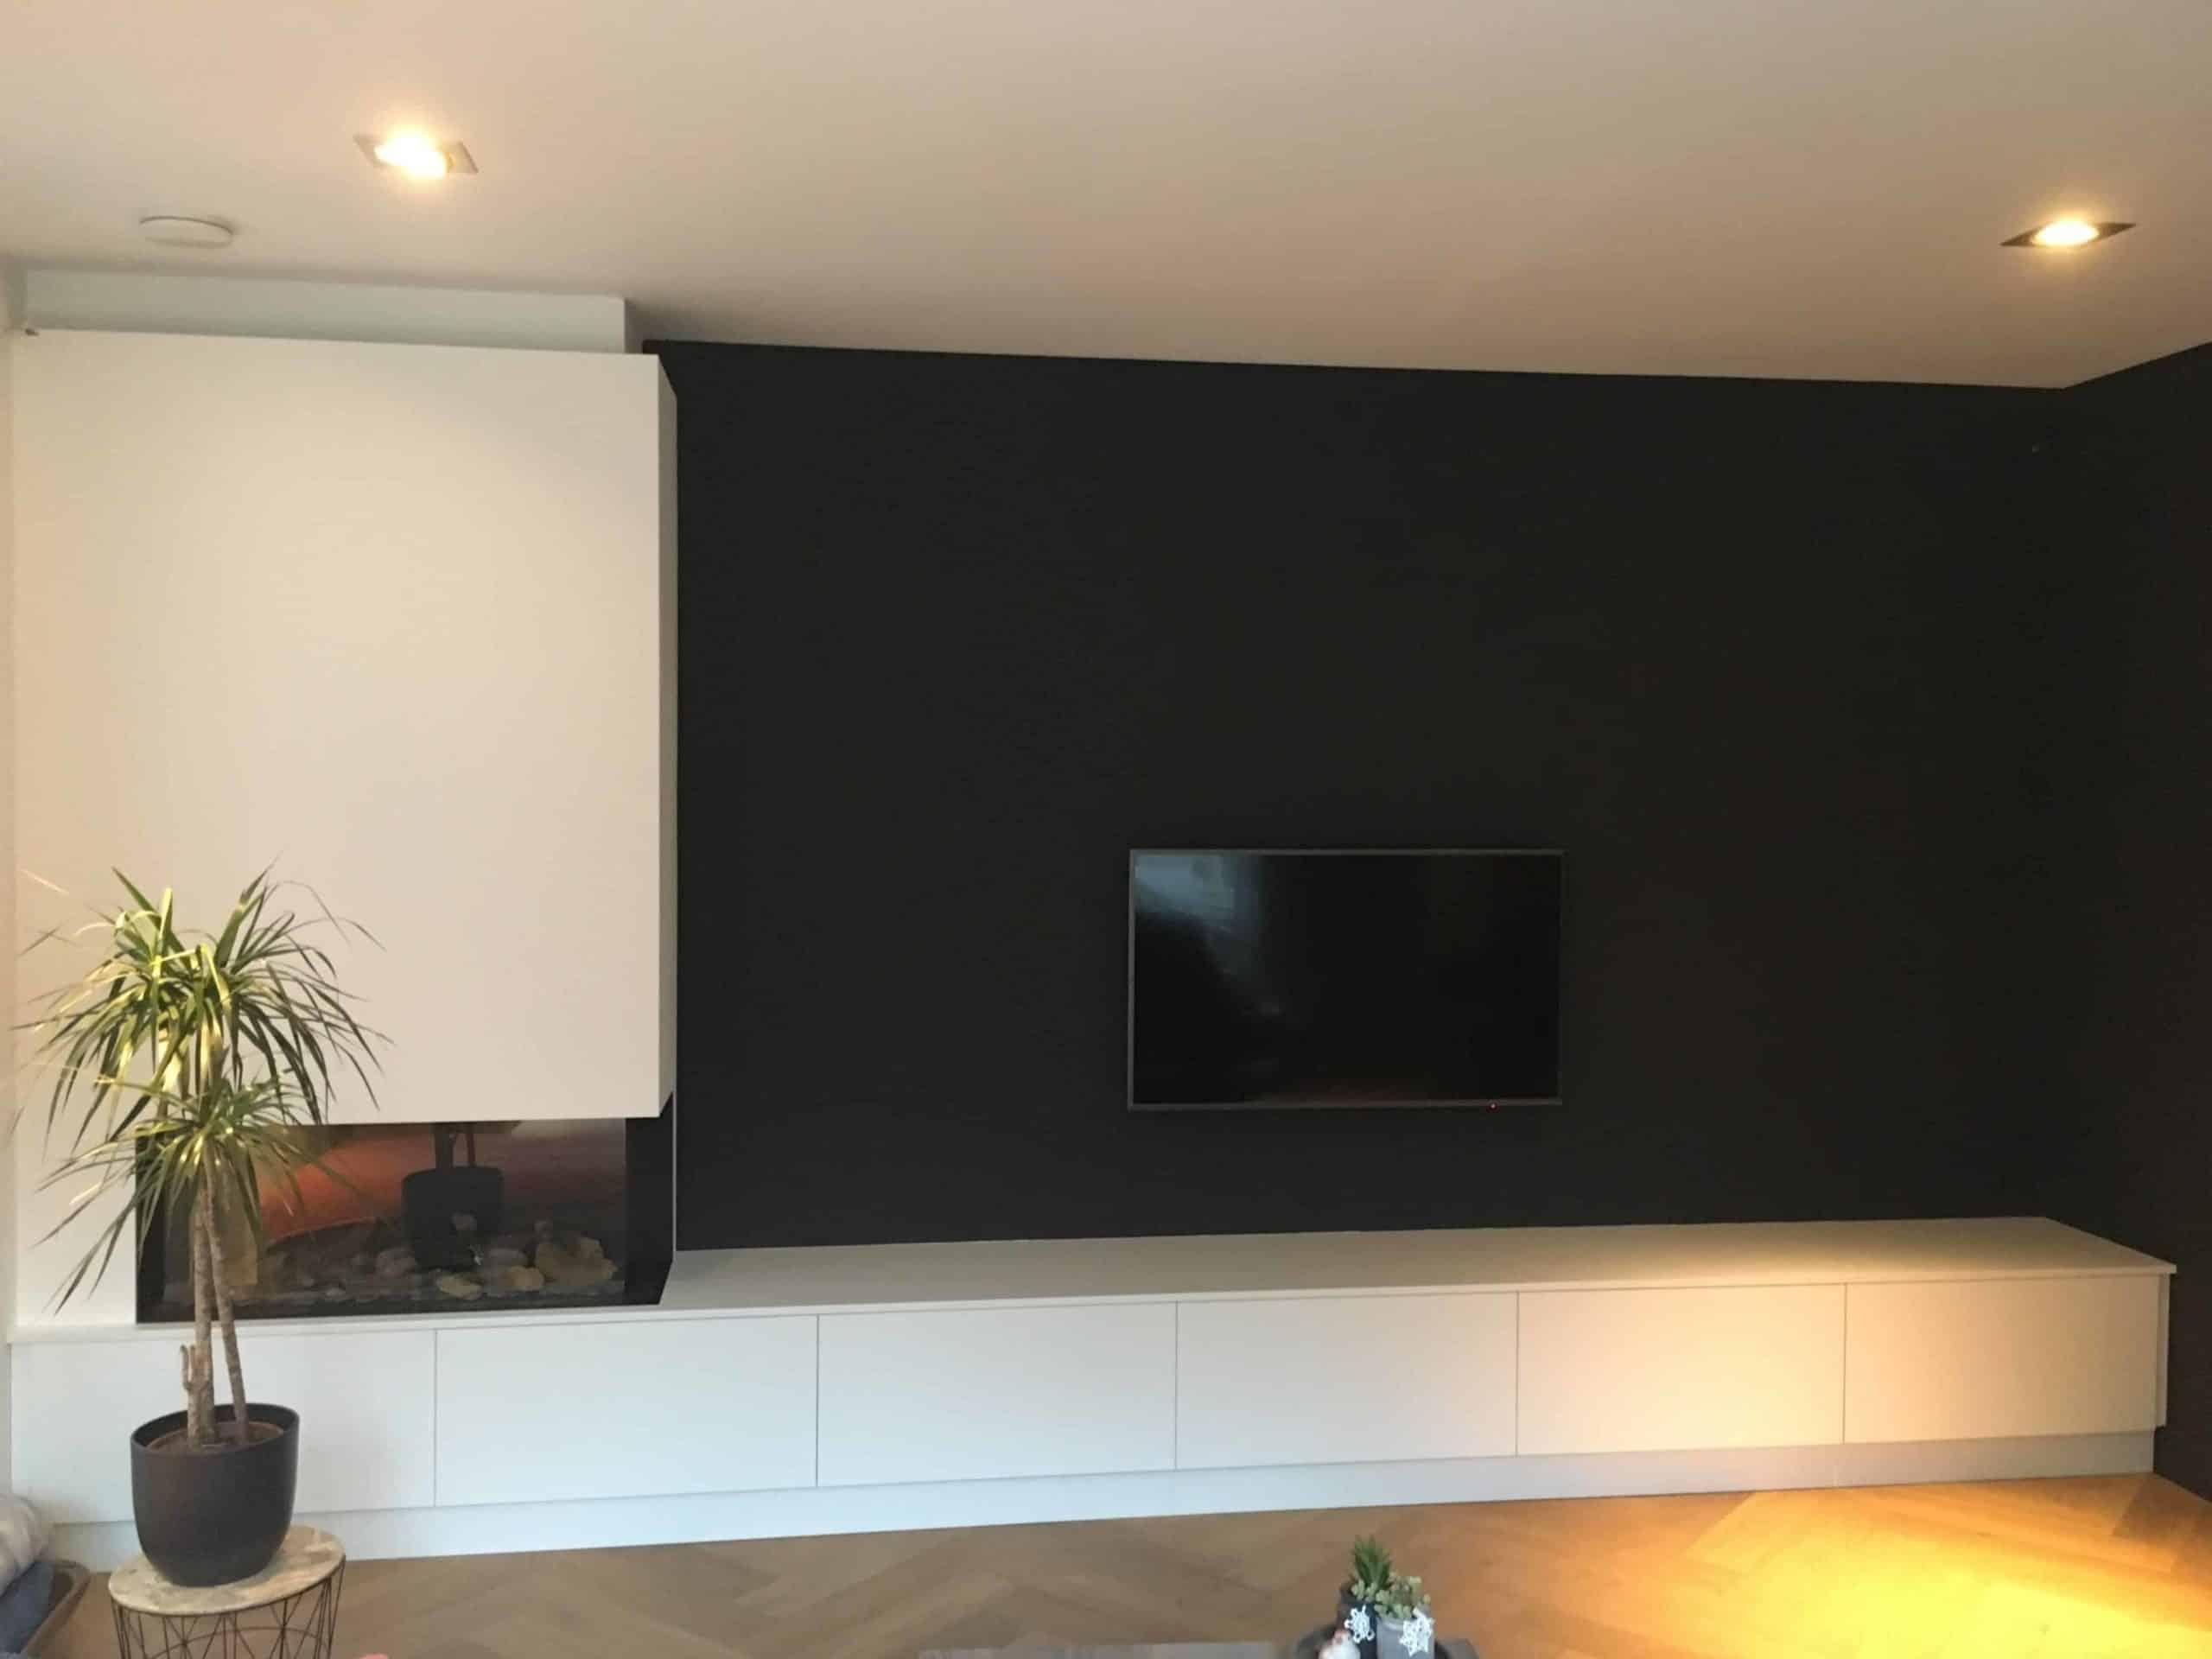 kasten Tv meubel plaatmateriaal met haardombouw| hout en vorm